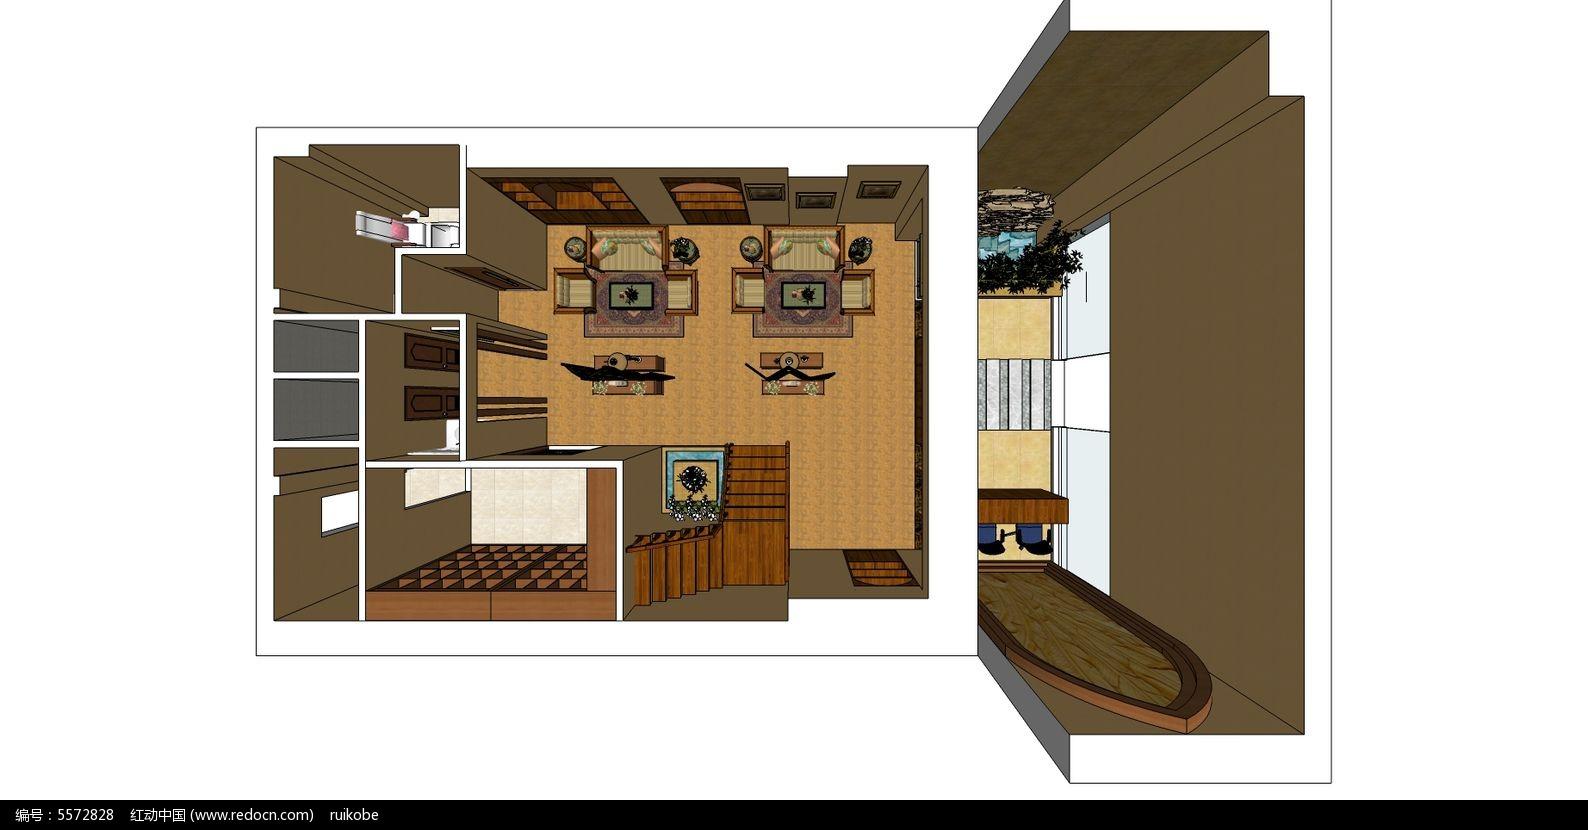 室内装修设计美容院泰式风格一楼 工装草图 设计图片